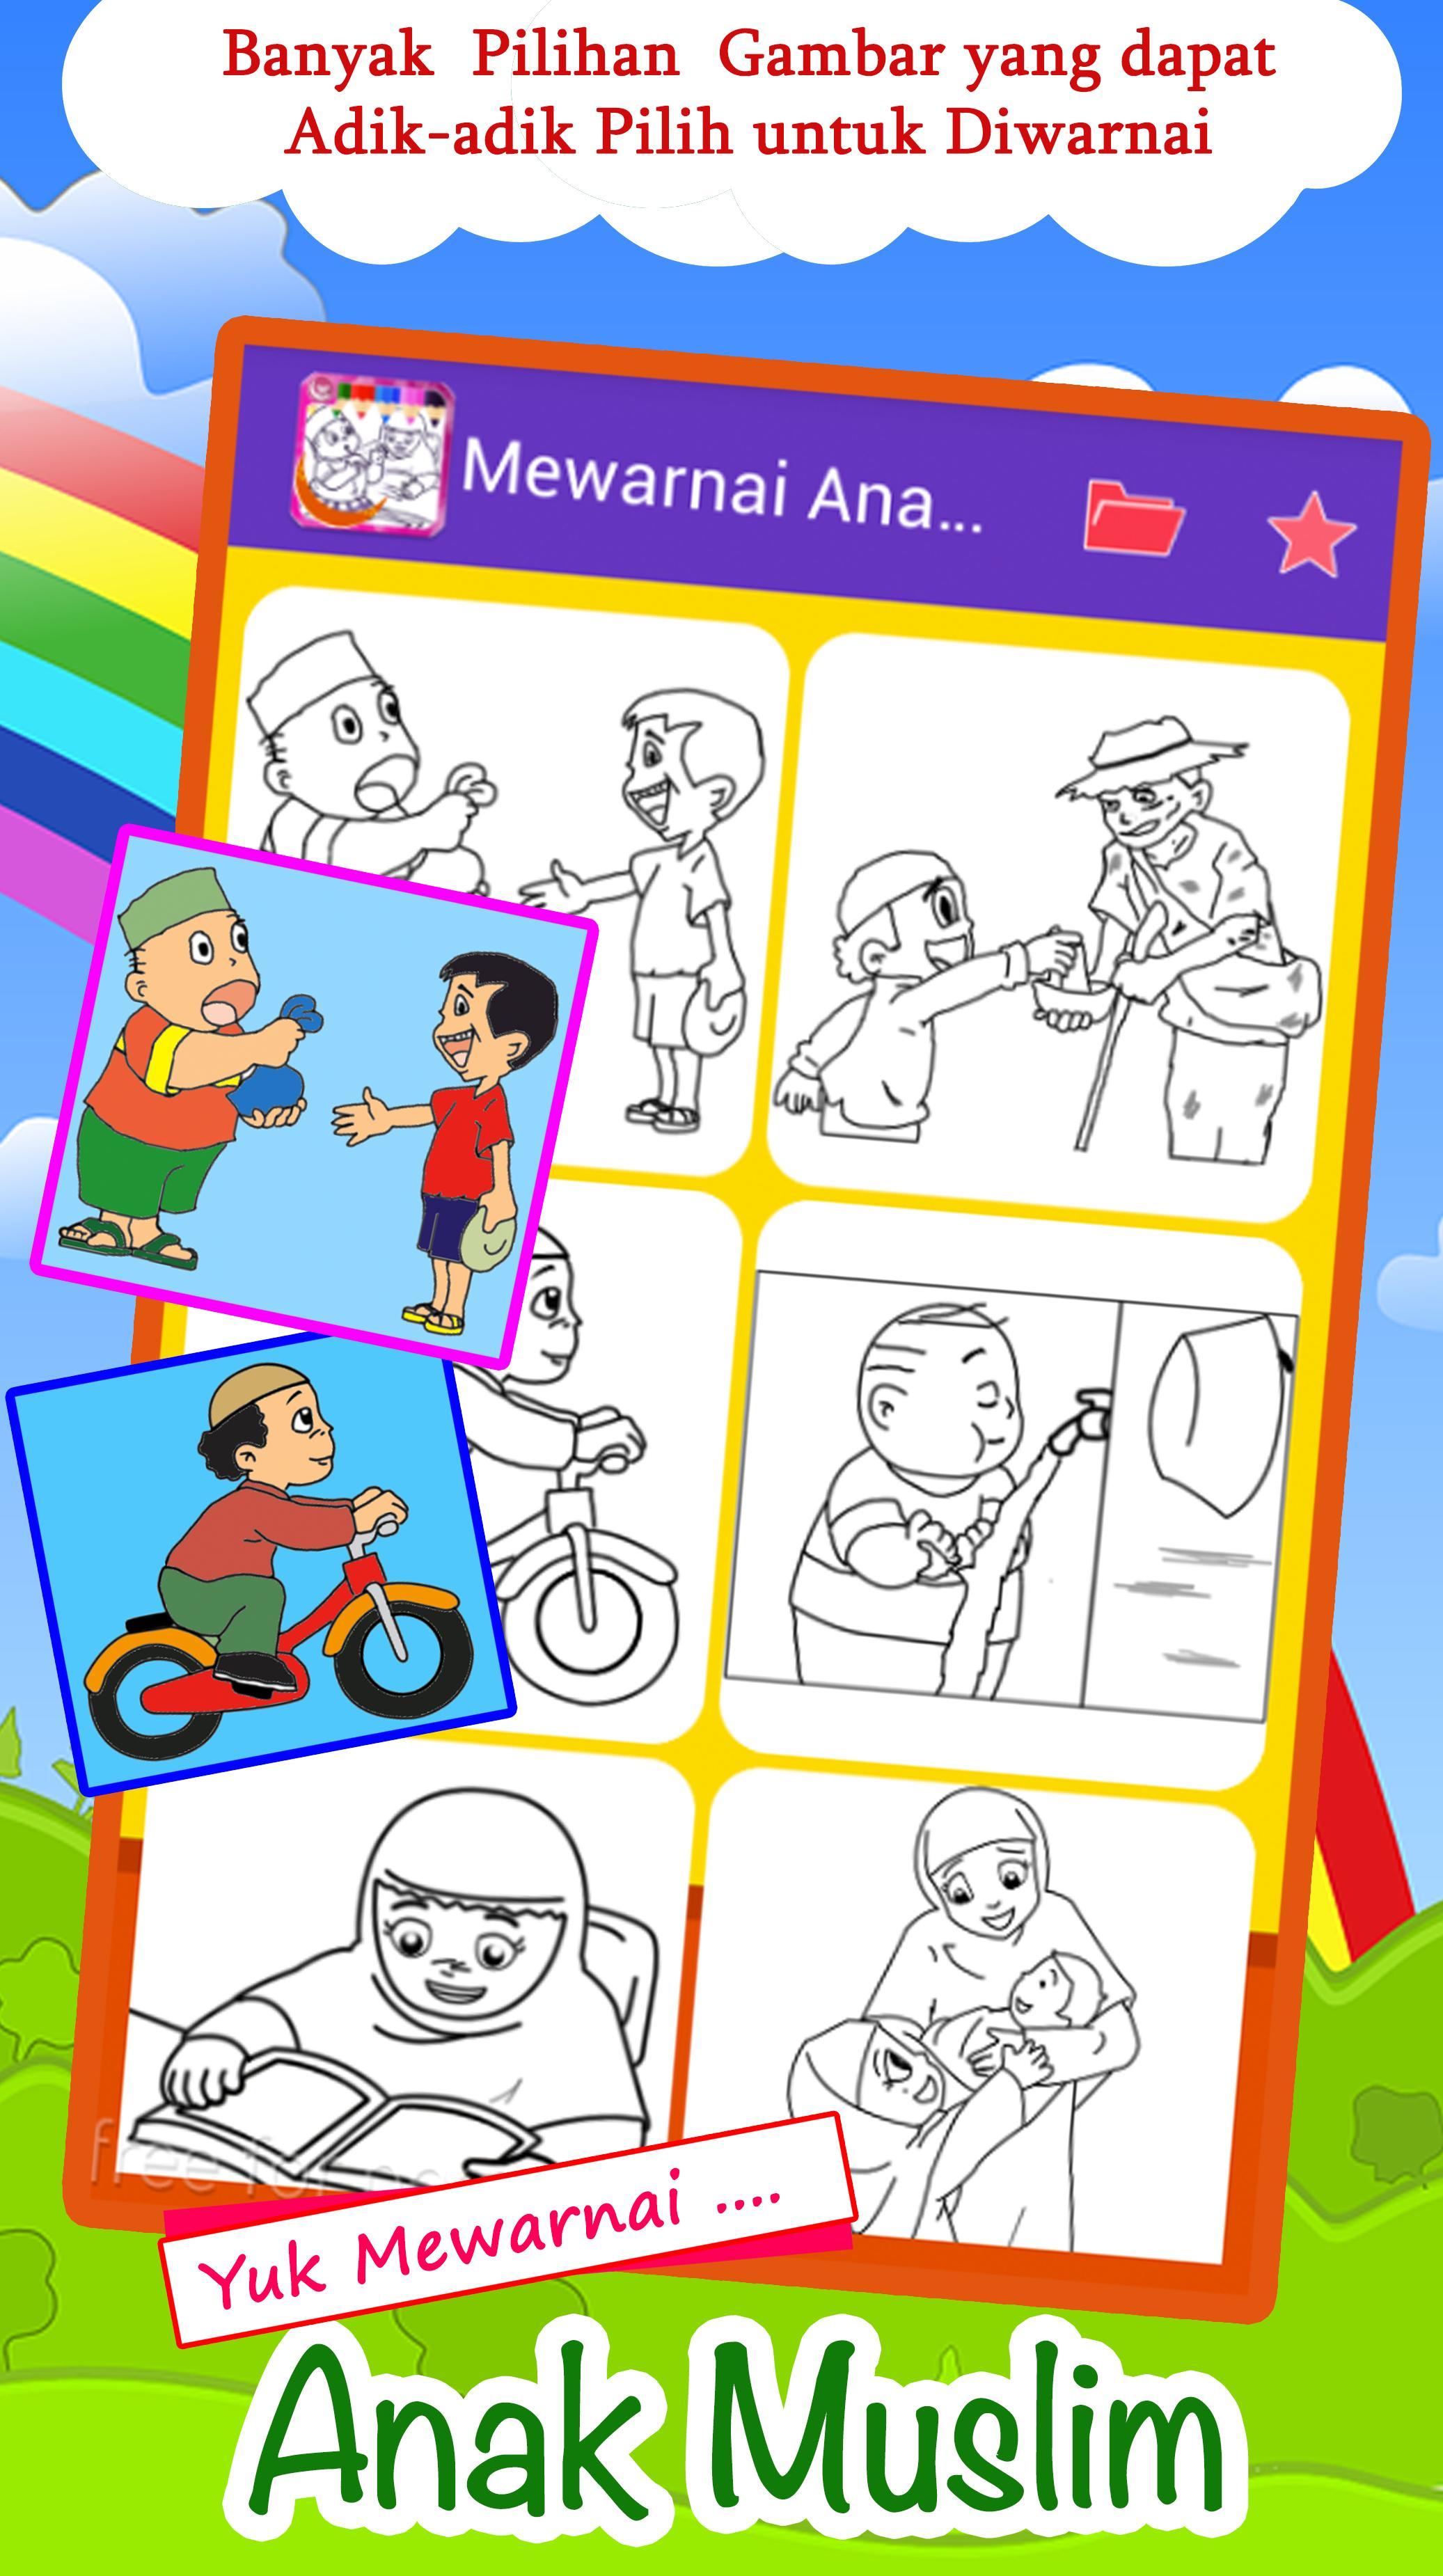 Mewarnai Untuk Anak Islam Terbaru For Android APK Download